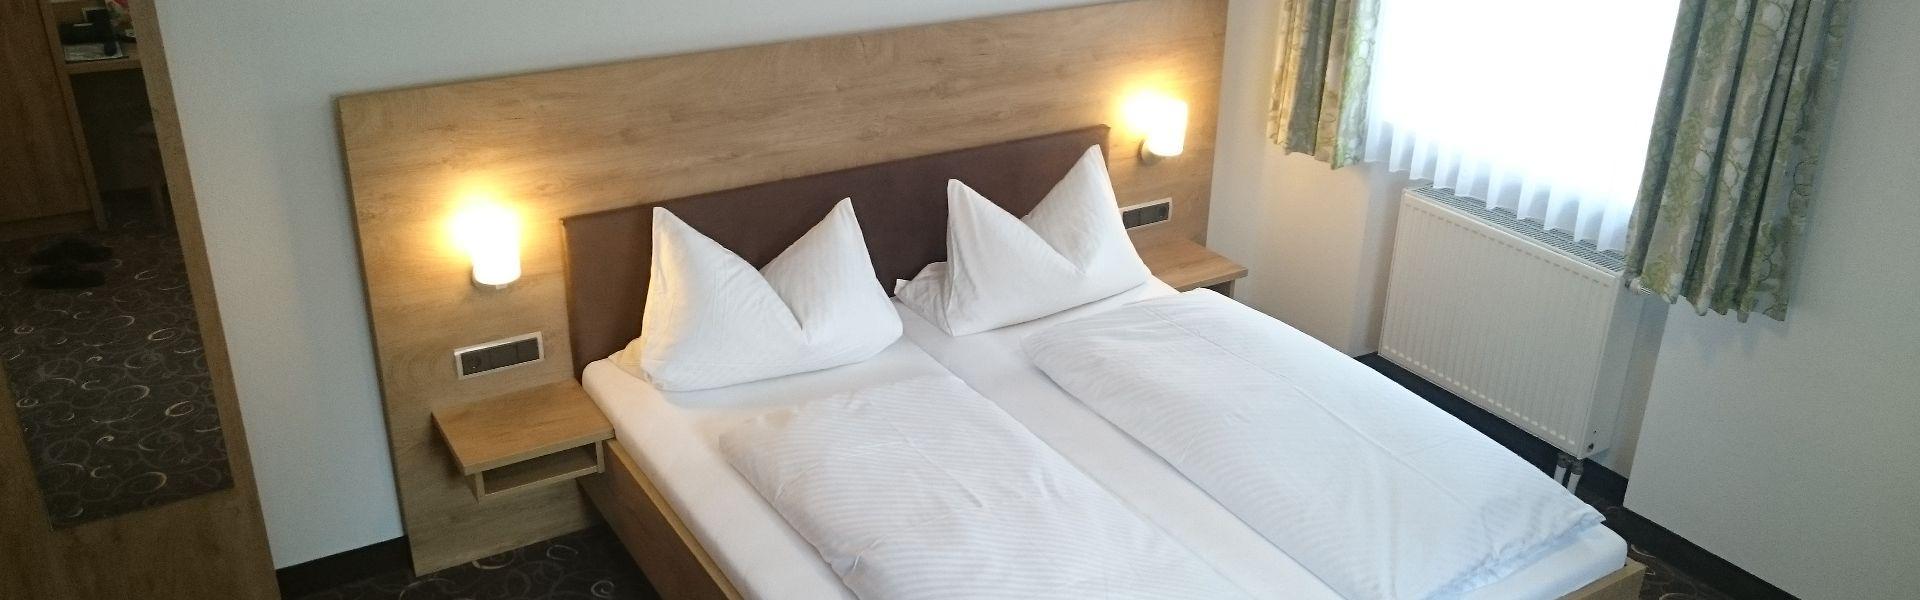 Komfortzimmer im Gästehaus Endres